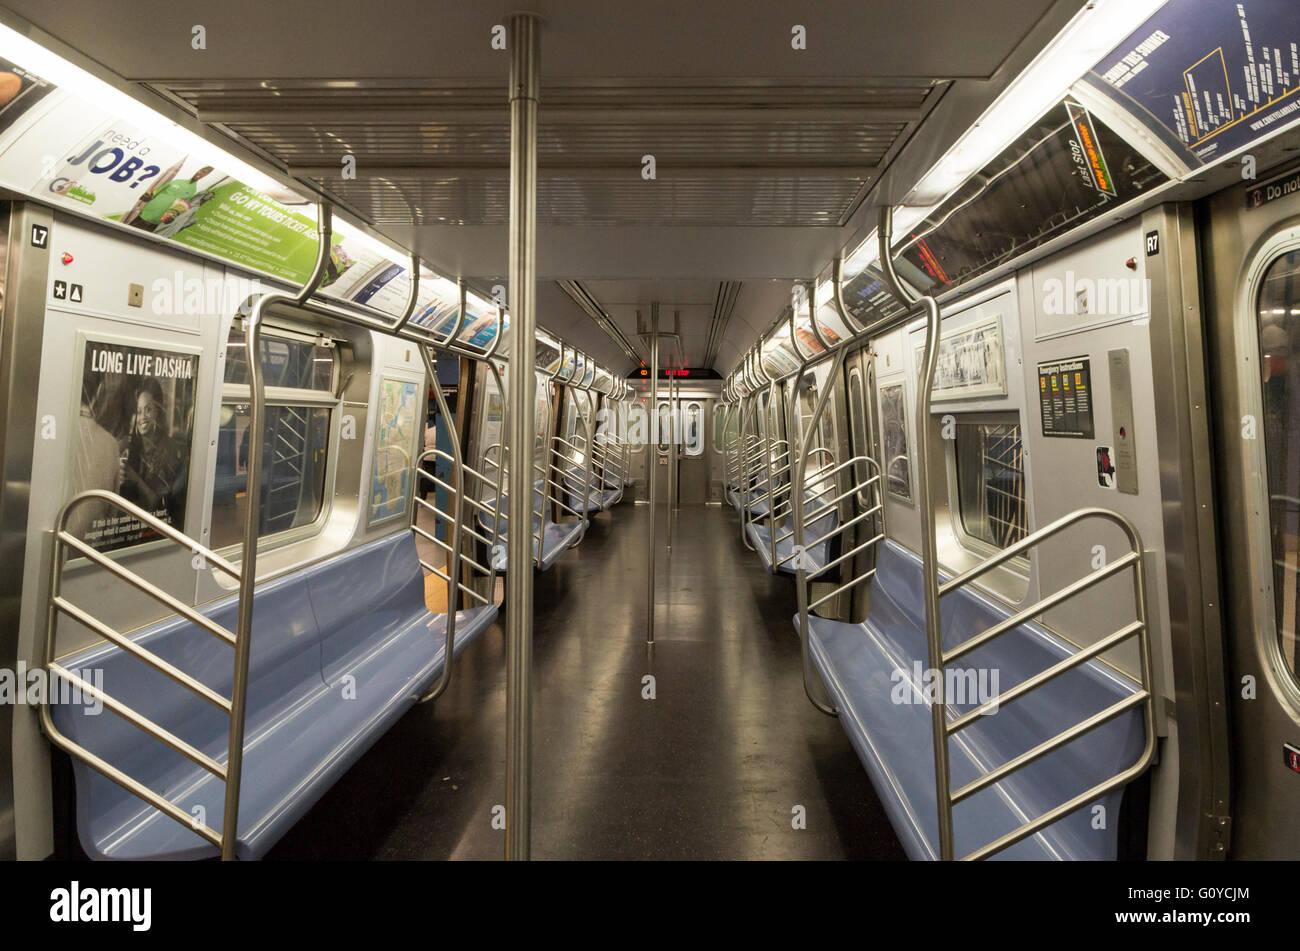 Vide de l'intérieur de New York City Subway train (pas de gens, personne ) Photo Stock